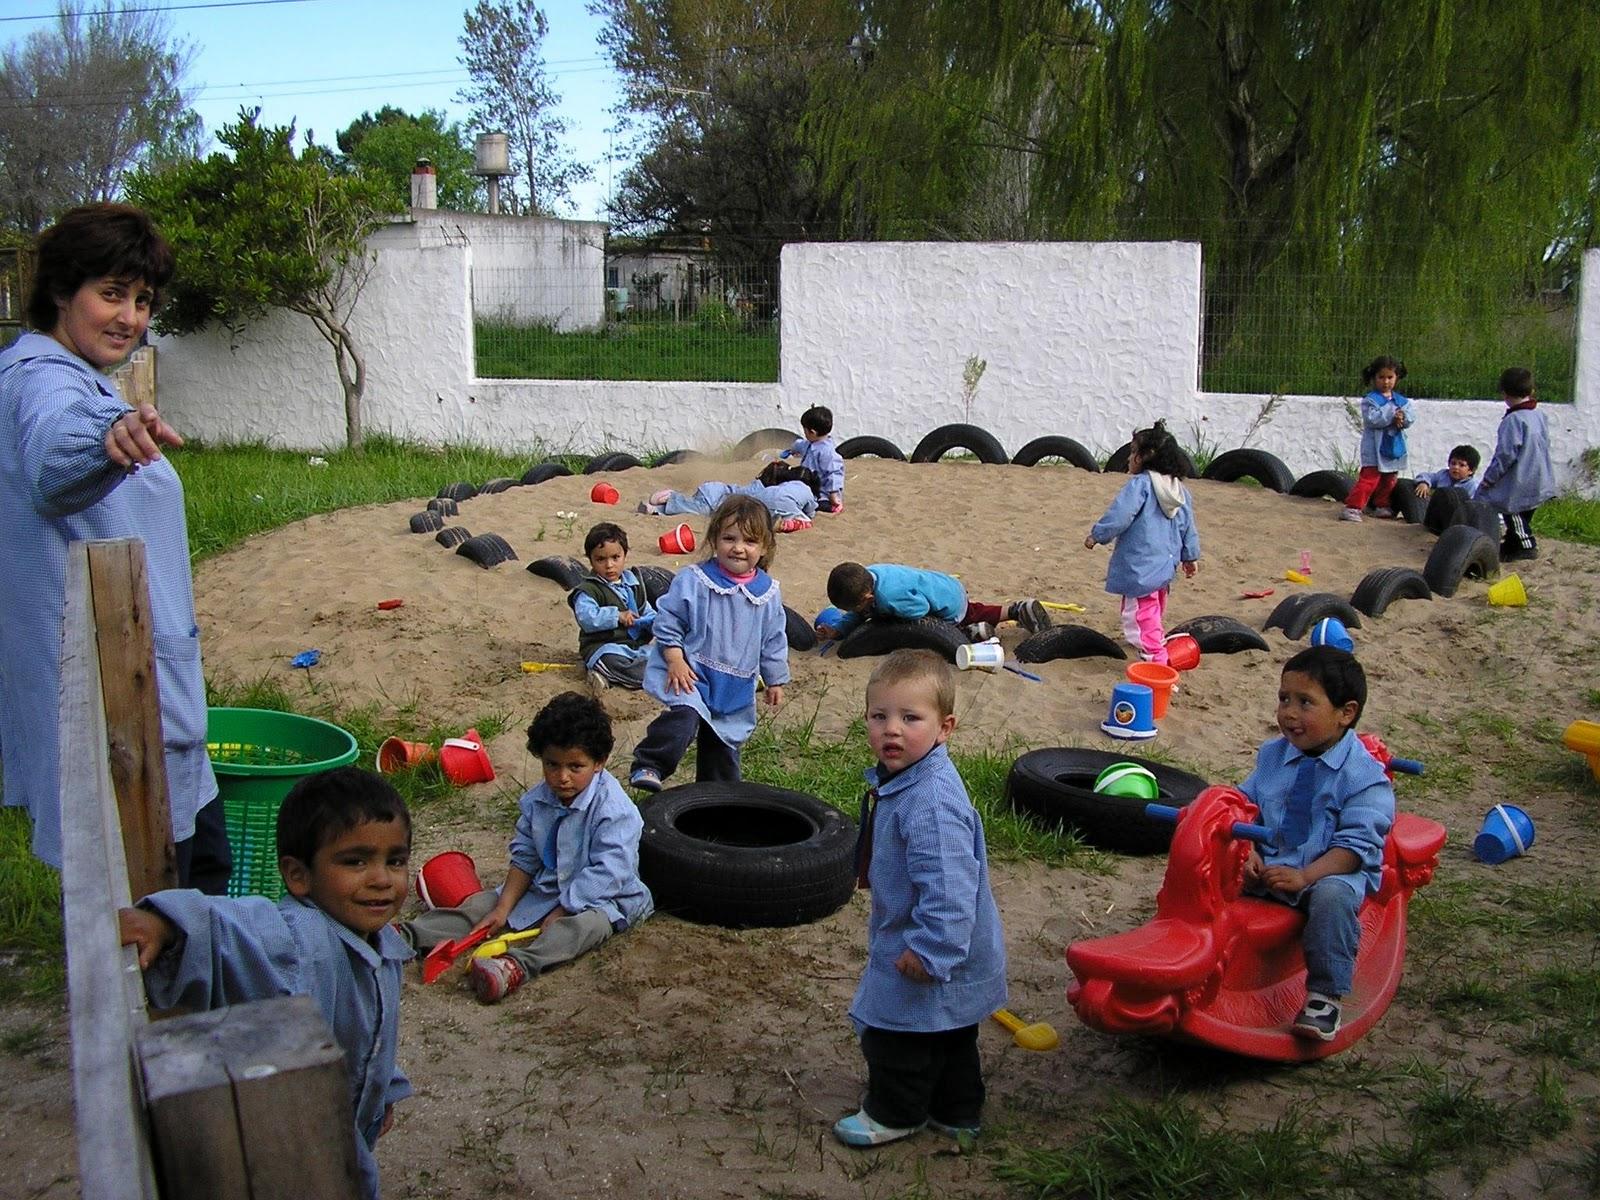 La ense anza en el jardin maternal for Canciones para el jardin de infantes